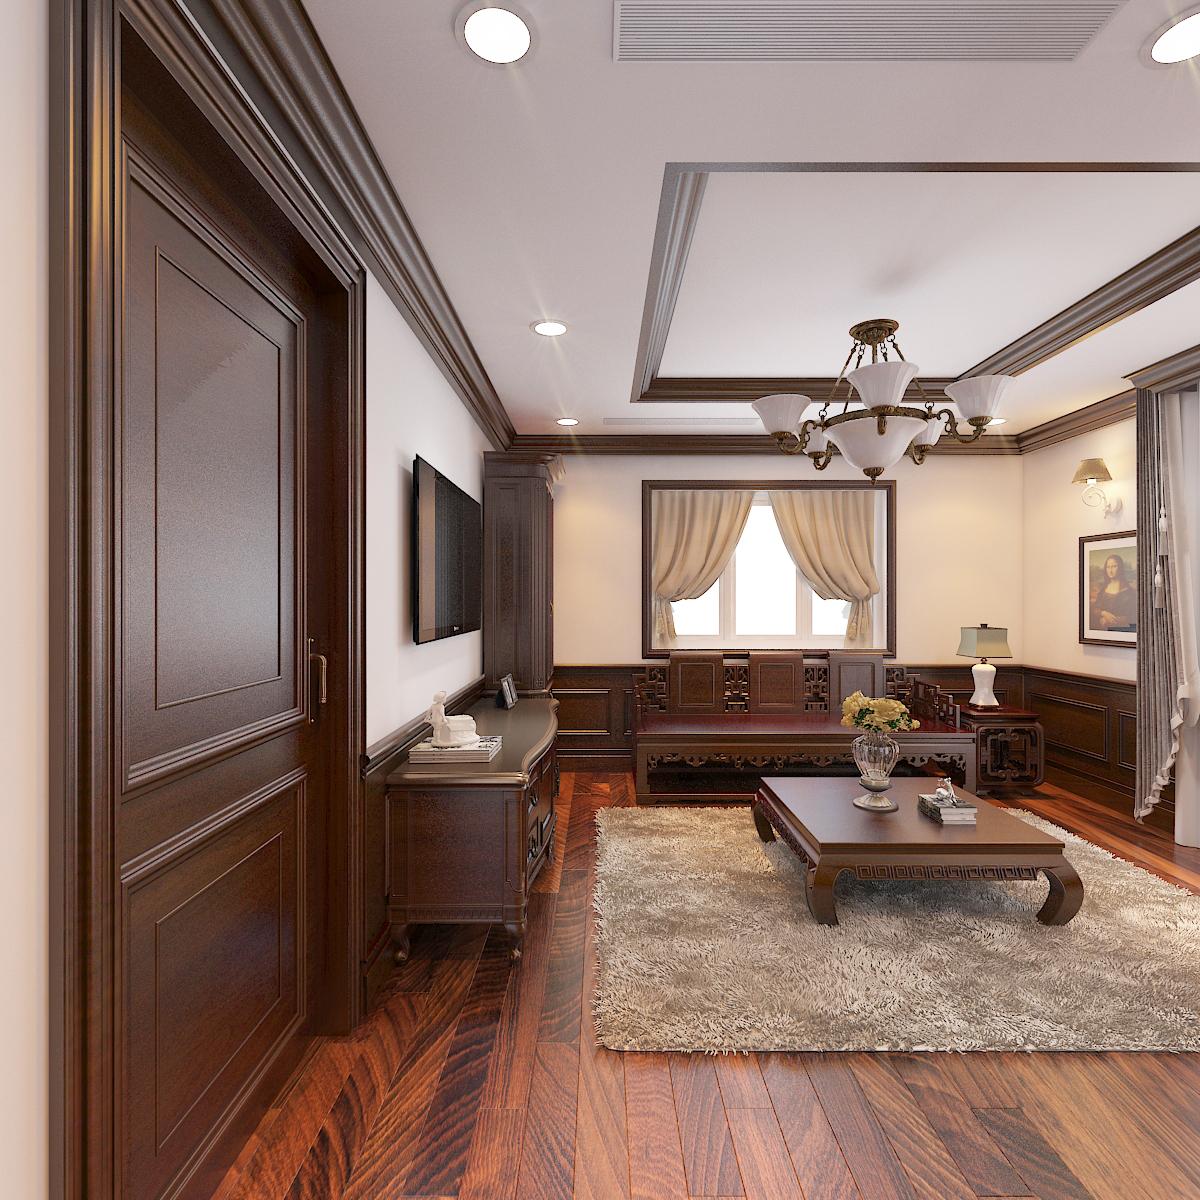 thiết kế nội thất Biệt Thự tại Hà Nội bt Vinhomes - riverside 45 1568276280